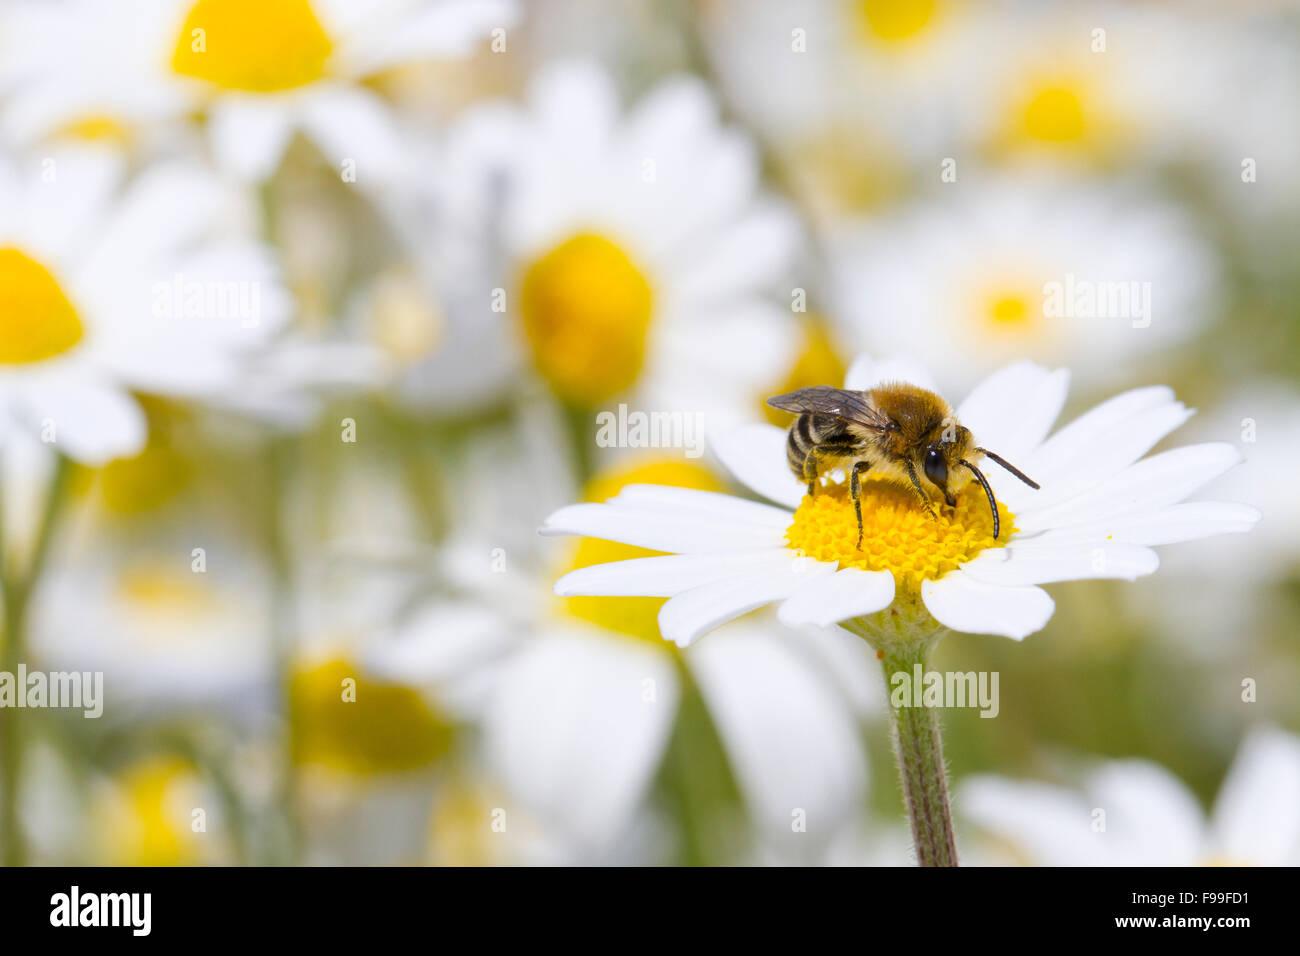 Bare-gesattelt Colletes oder Gipser Bee (Colletes Similis) Männchen ernähren sich von stinkende Kamillenblüten Stockbild